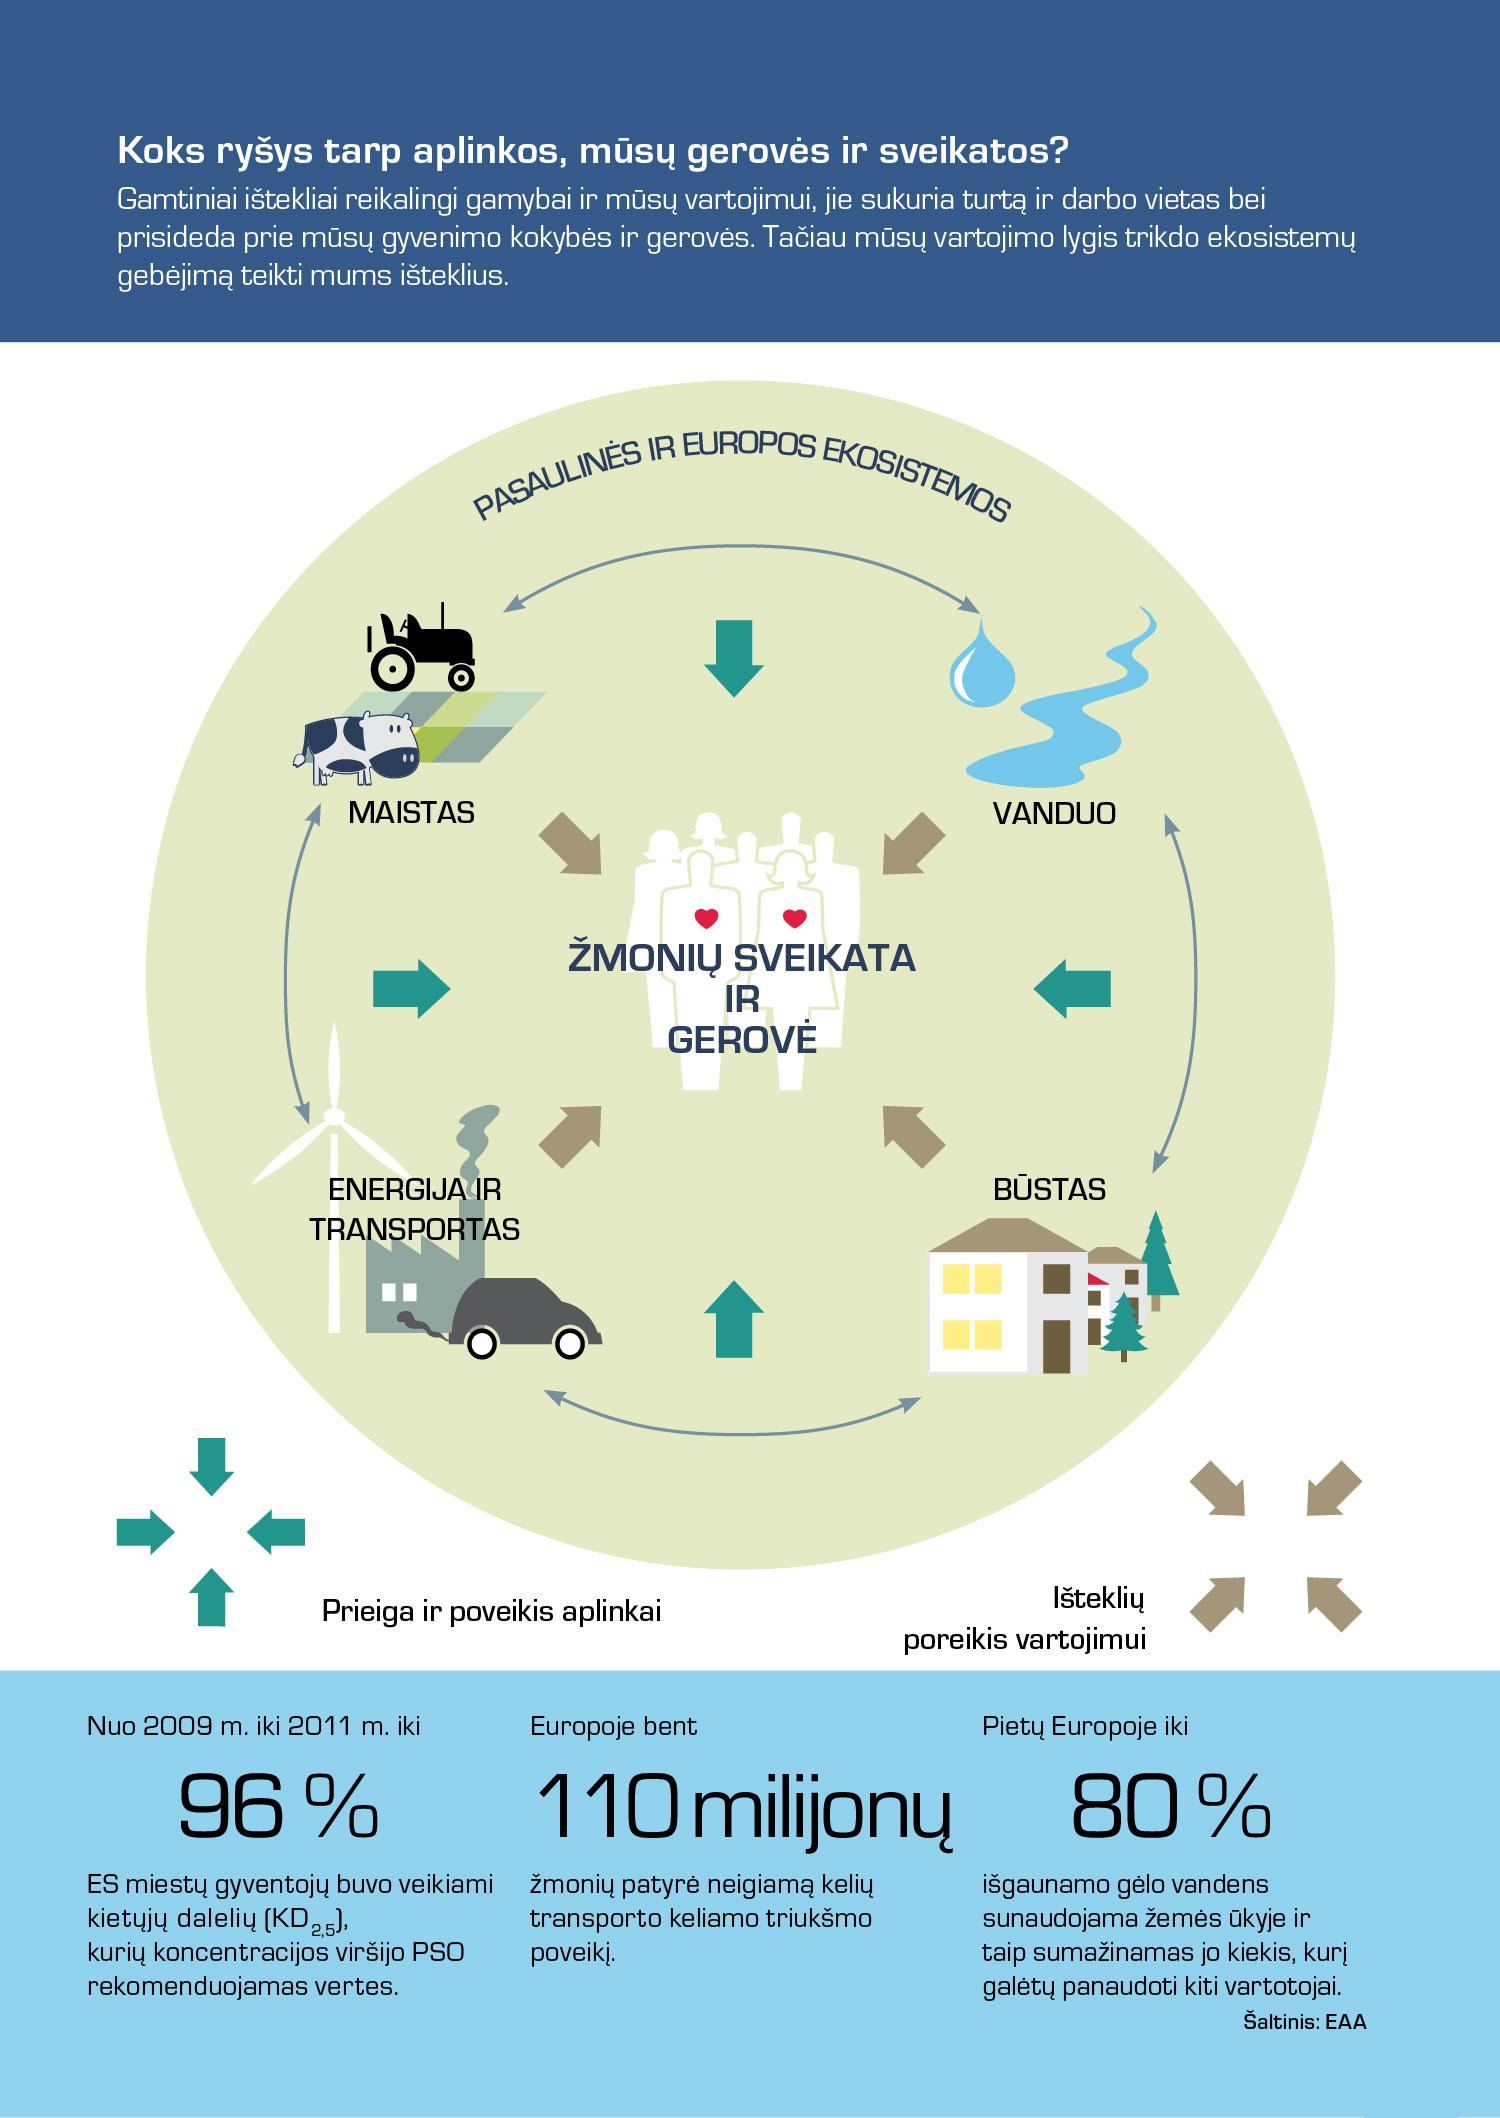 Koks ryšys tarp aplinkos, mūsų gerovės ir sveikatos?